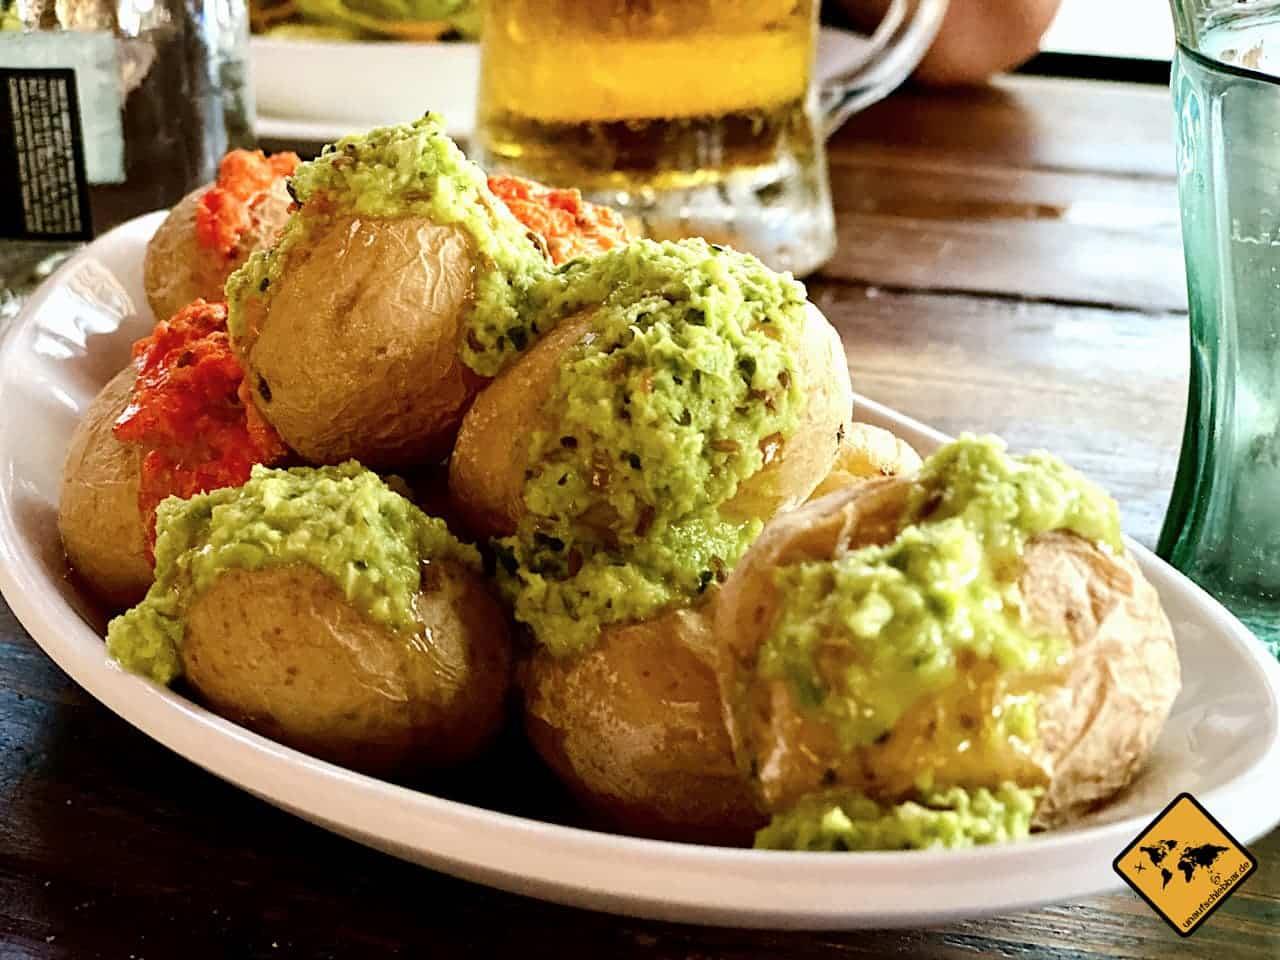 Urlaub auf Teneriffa Essen gehen kanarische Kartoffeln